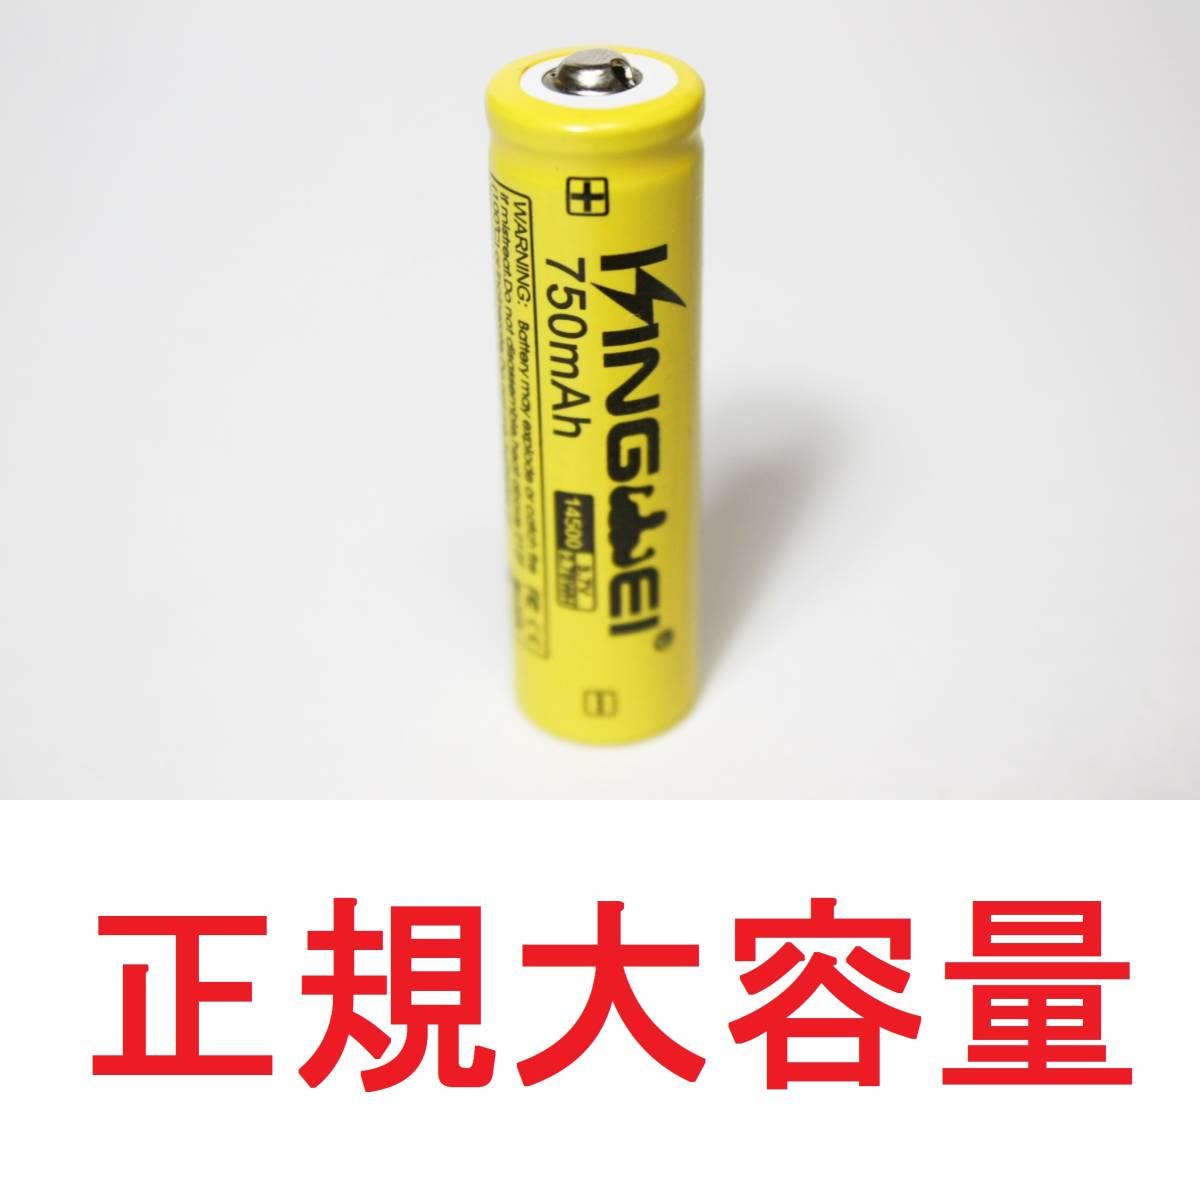 ■正規大容量 14500 リチウムイオン 充電池 バッテリー 懐中電灯 ハンディライト02_画像1